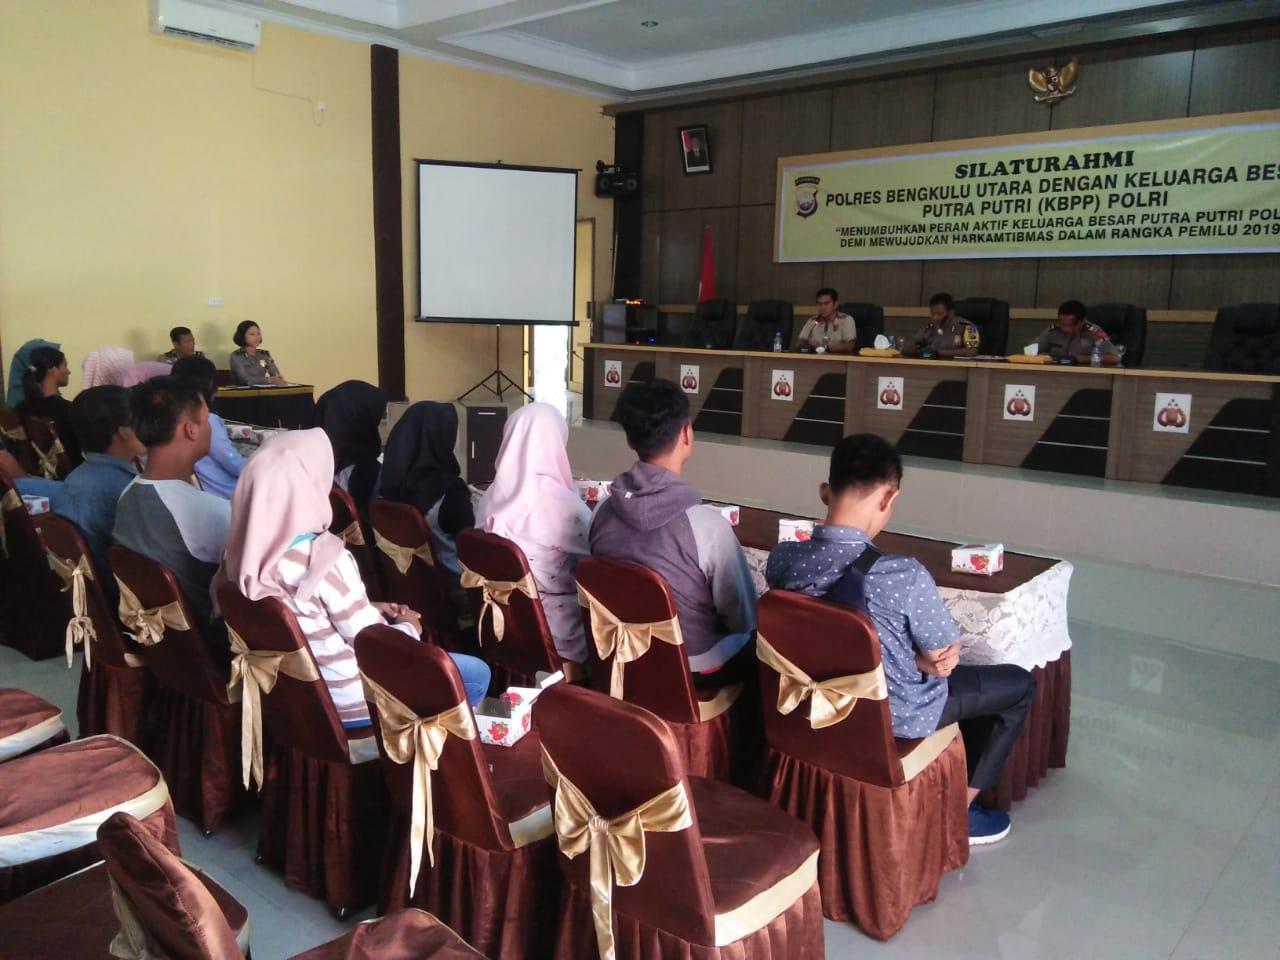 Silaturahmi Polres Bengkulu Utara Bersama Keluarga Besar Putra Putri (KBPP) Polri